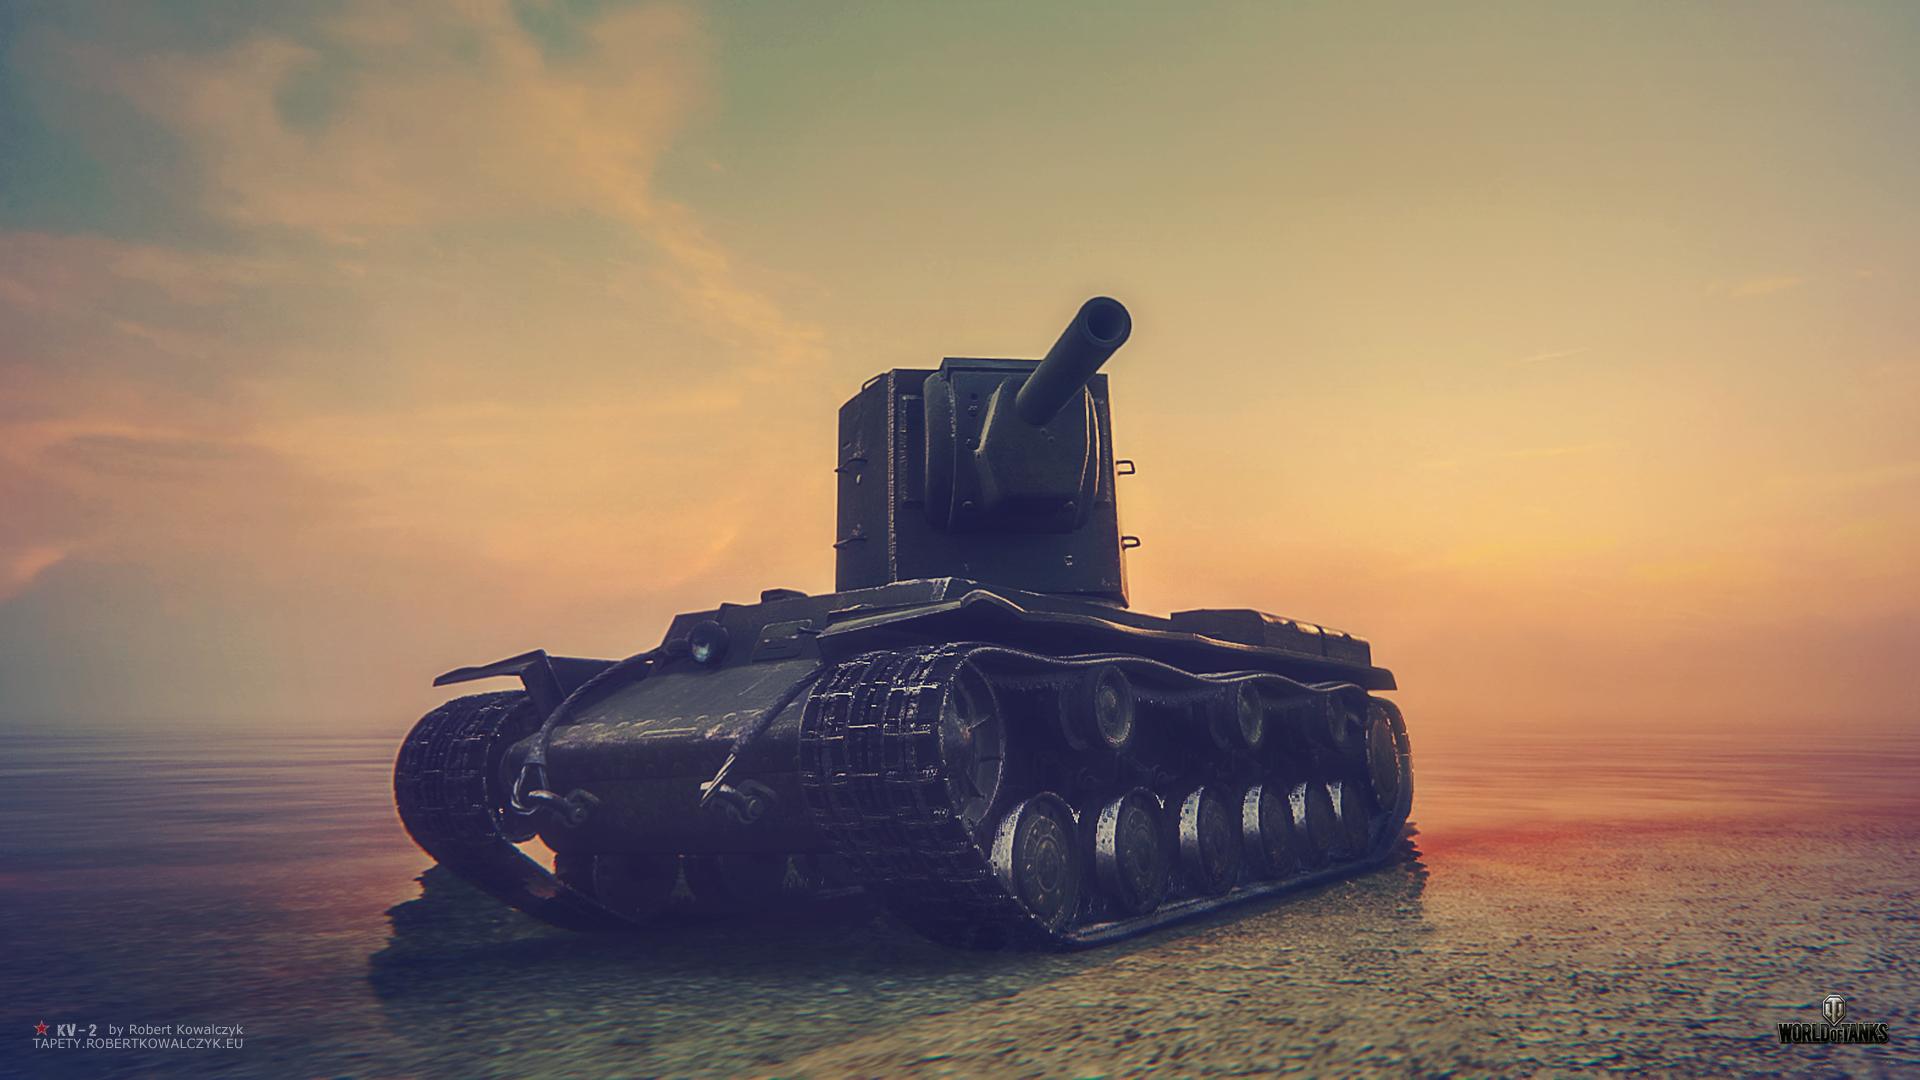 KV-2_by_Robert_Kowalczyk_RobVanErt_pl_1920x1080